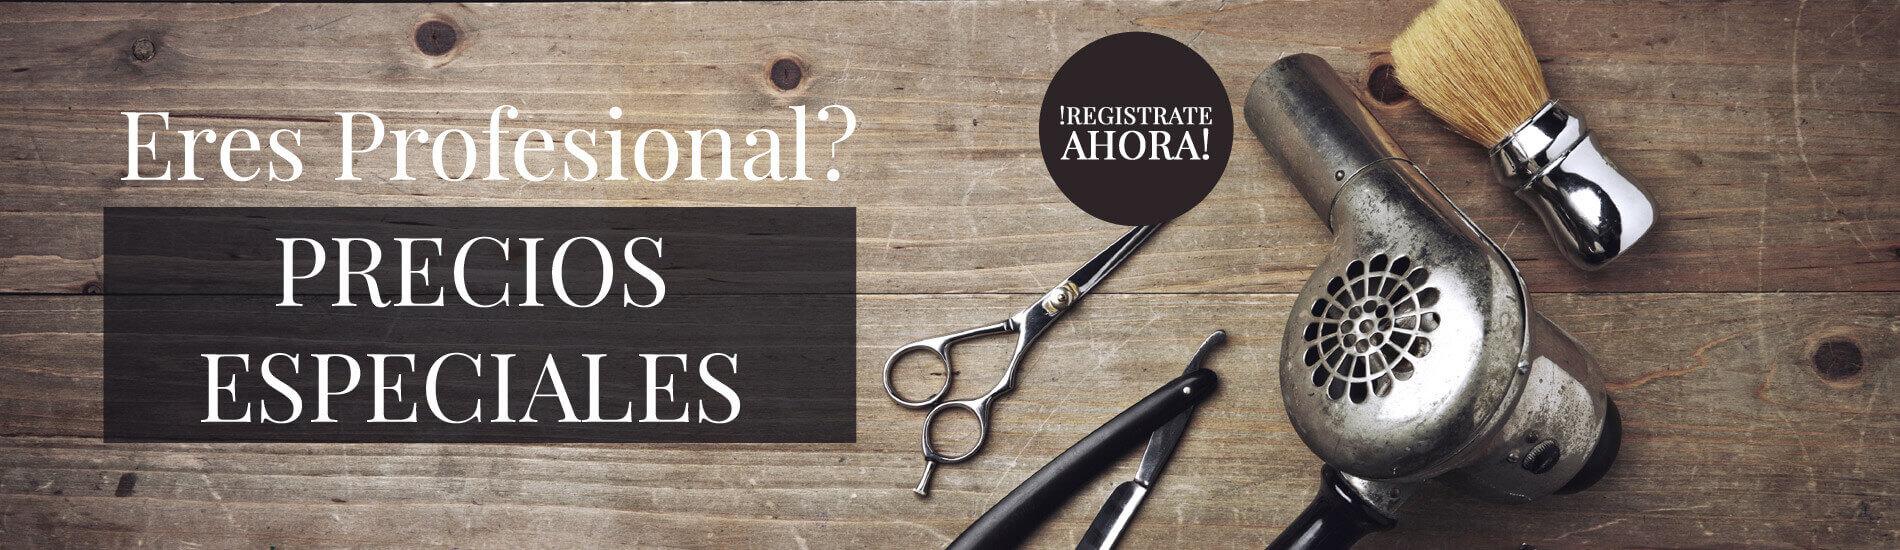 Registra para profesionales de barberia